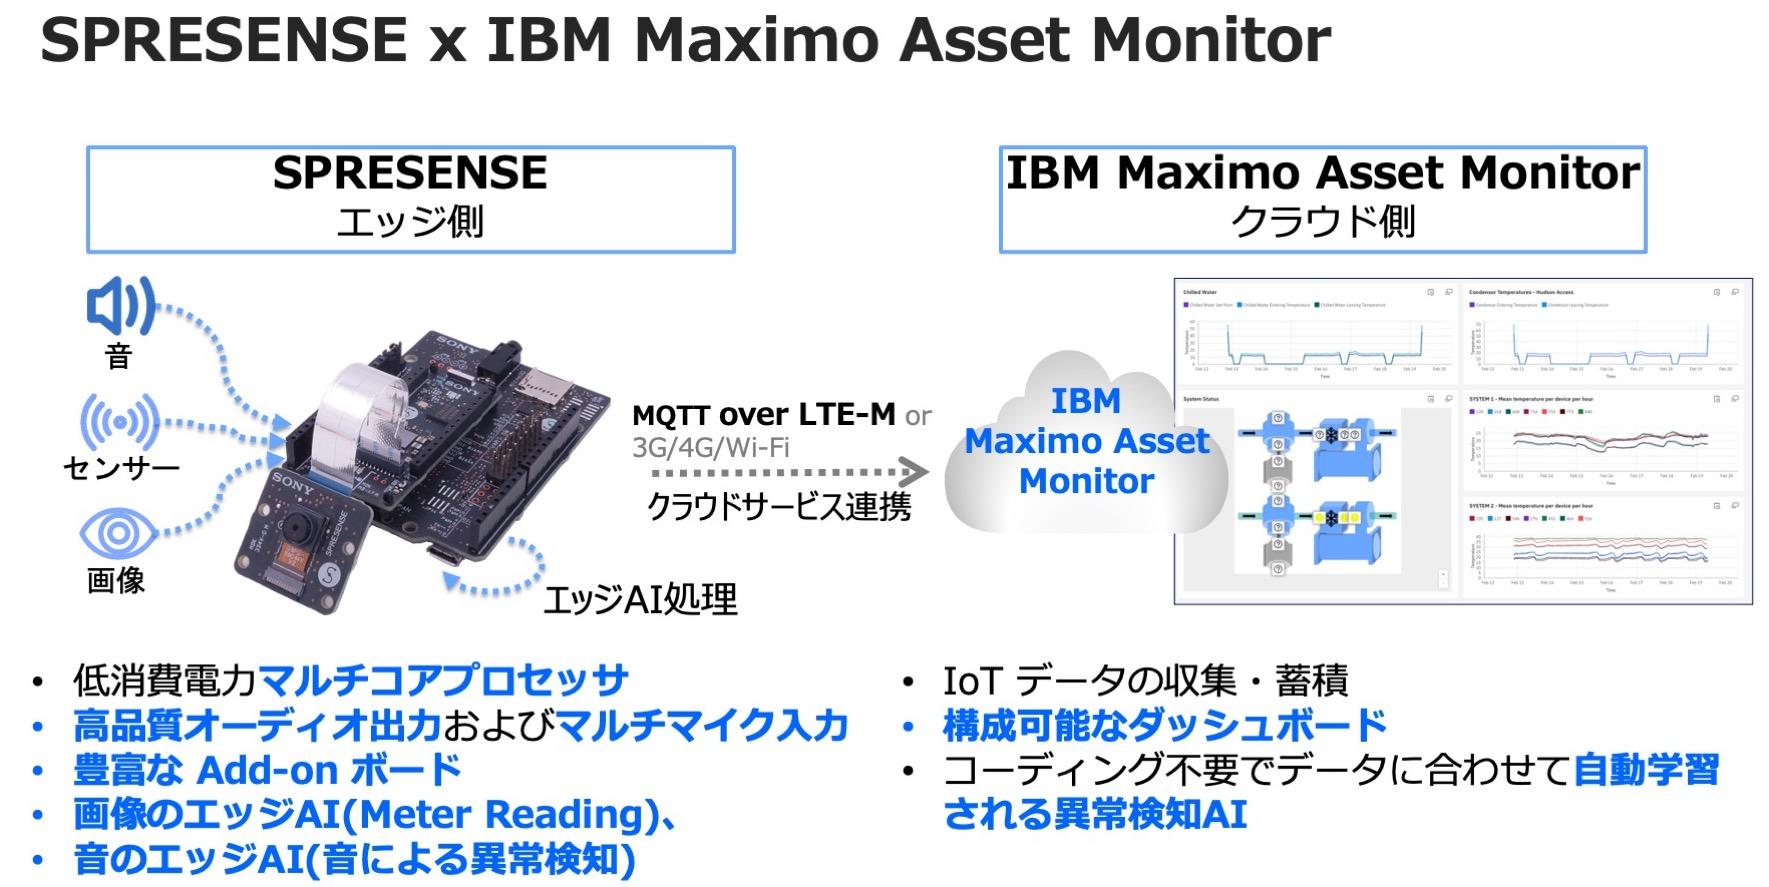 SPRESENSE × IBM Maximo Asset Monitor